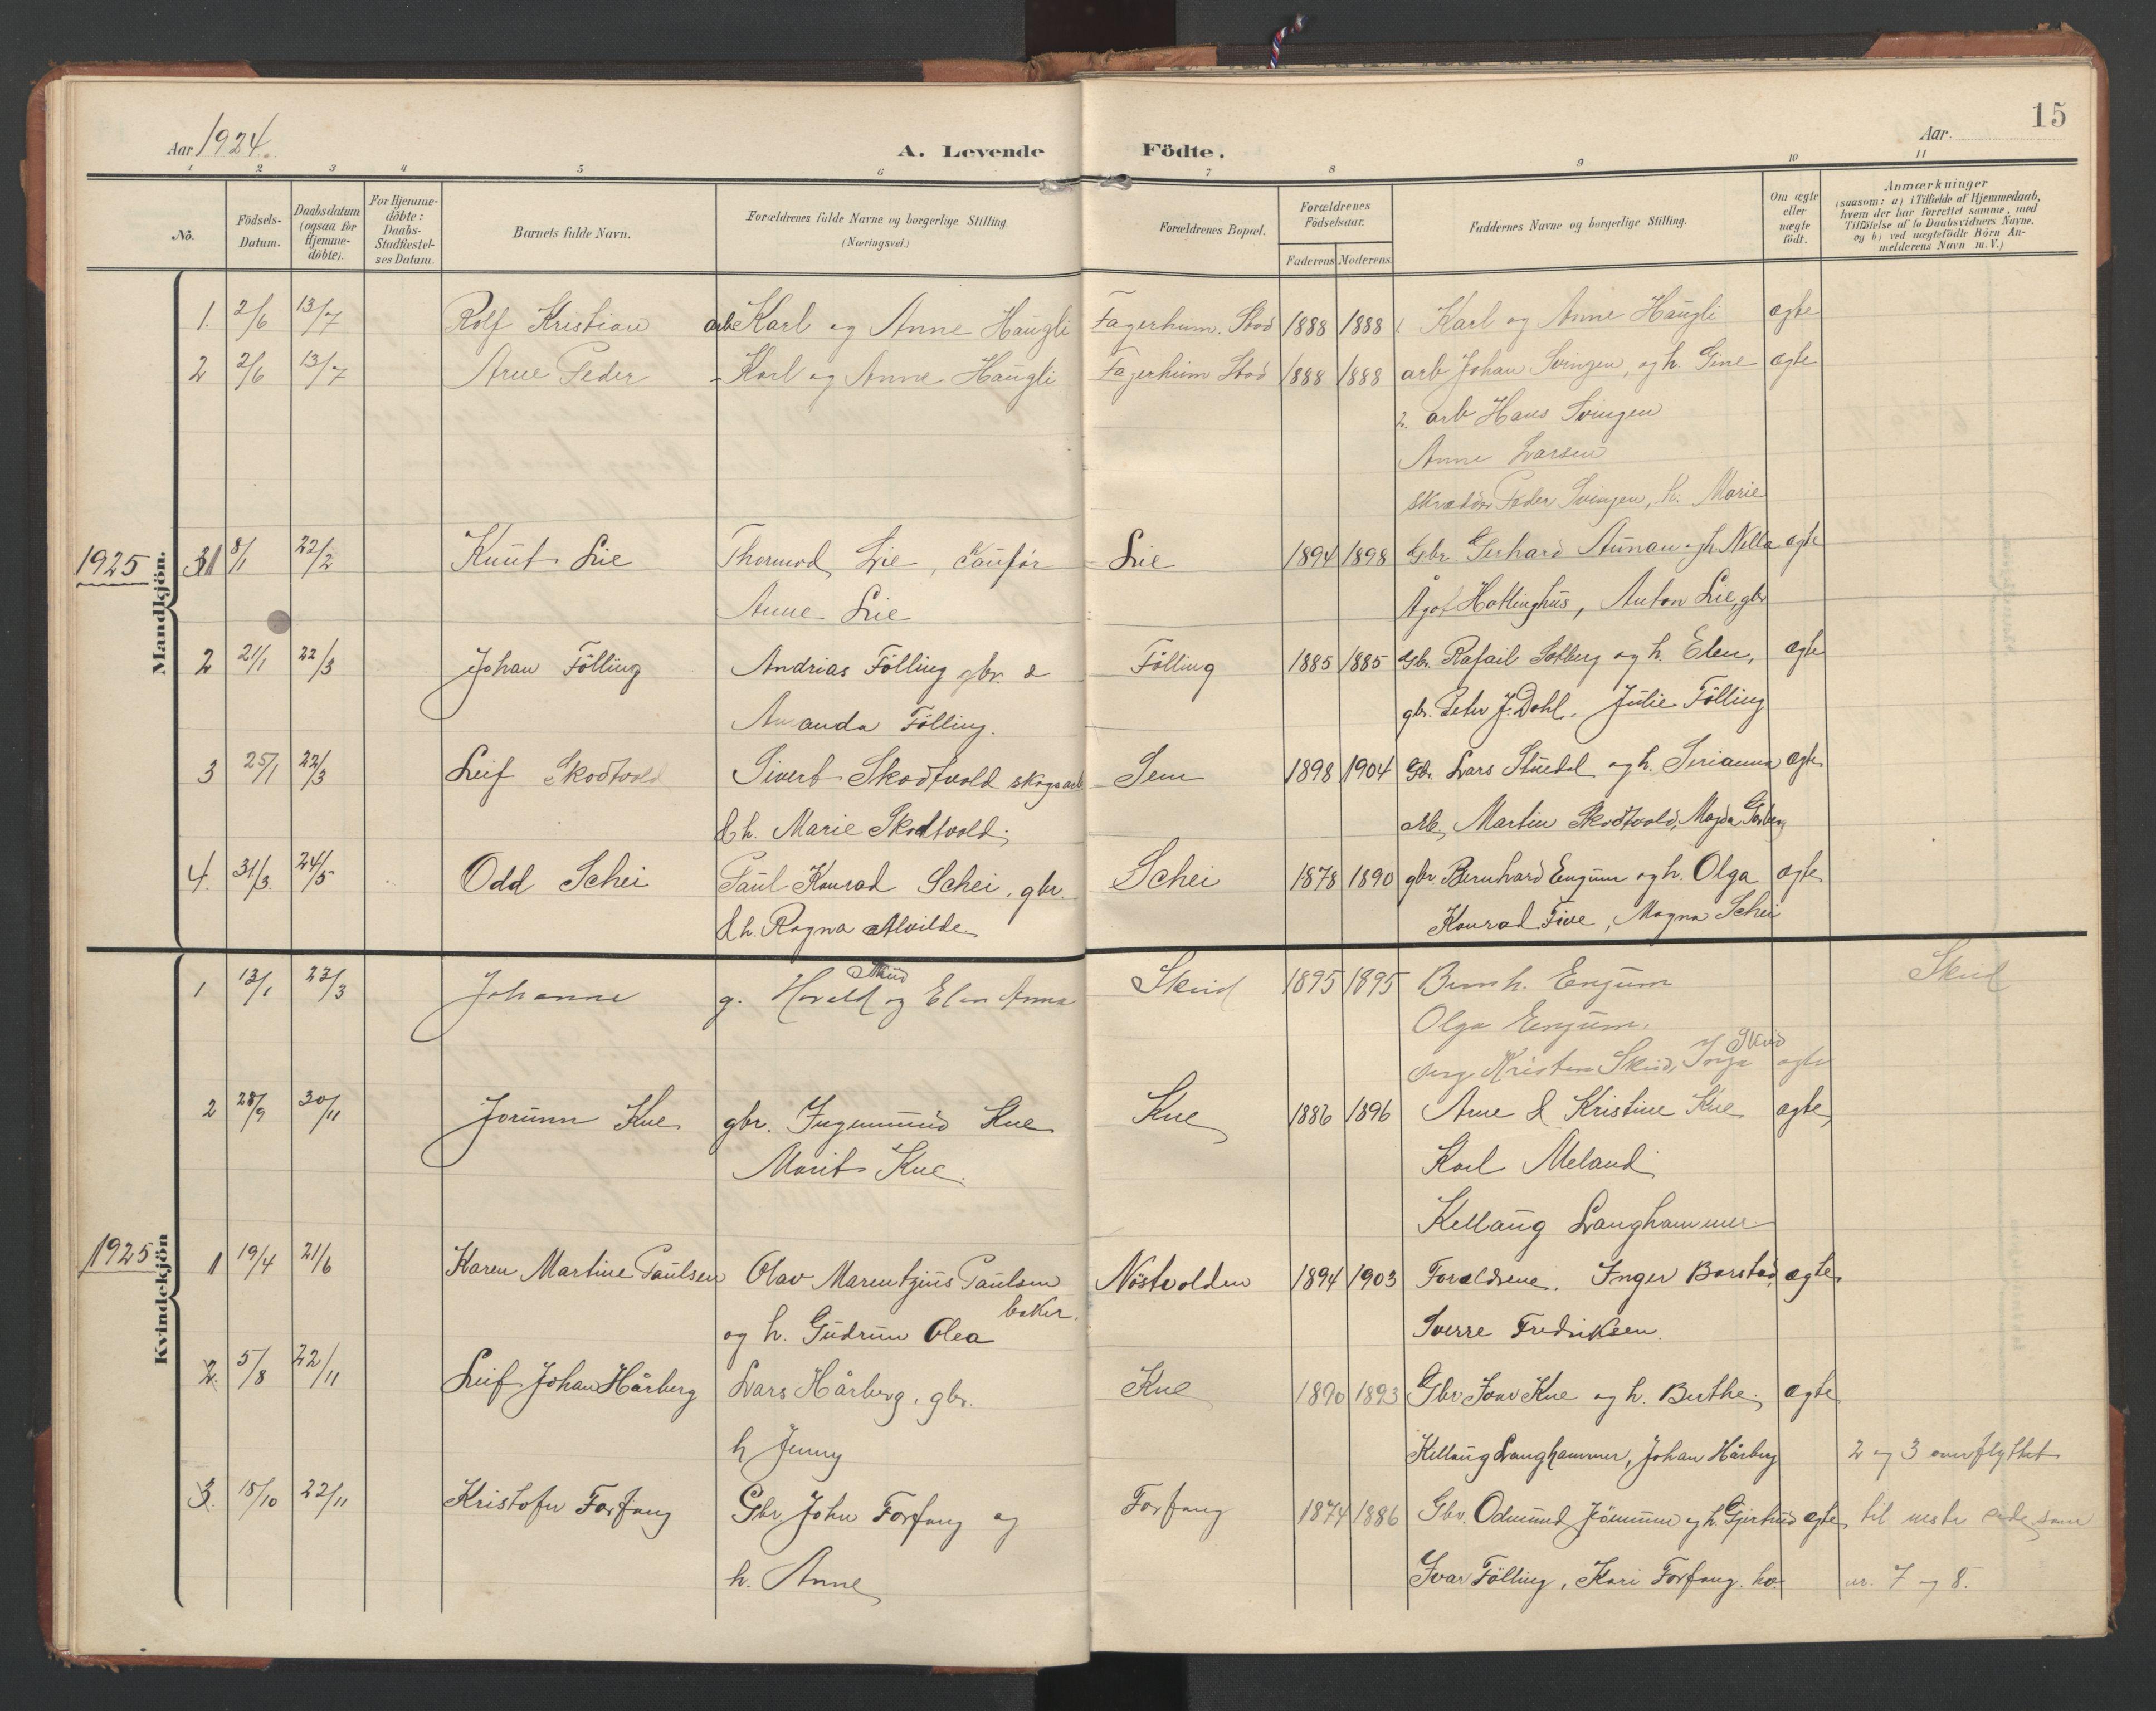 SAT, Ministerialprotokoller, klokkerbøker og fødselsregistre - Nord-Trøndelag, 748/L0465: Klokkerbok nr. 748C01, 1908-1960, s. 15